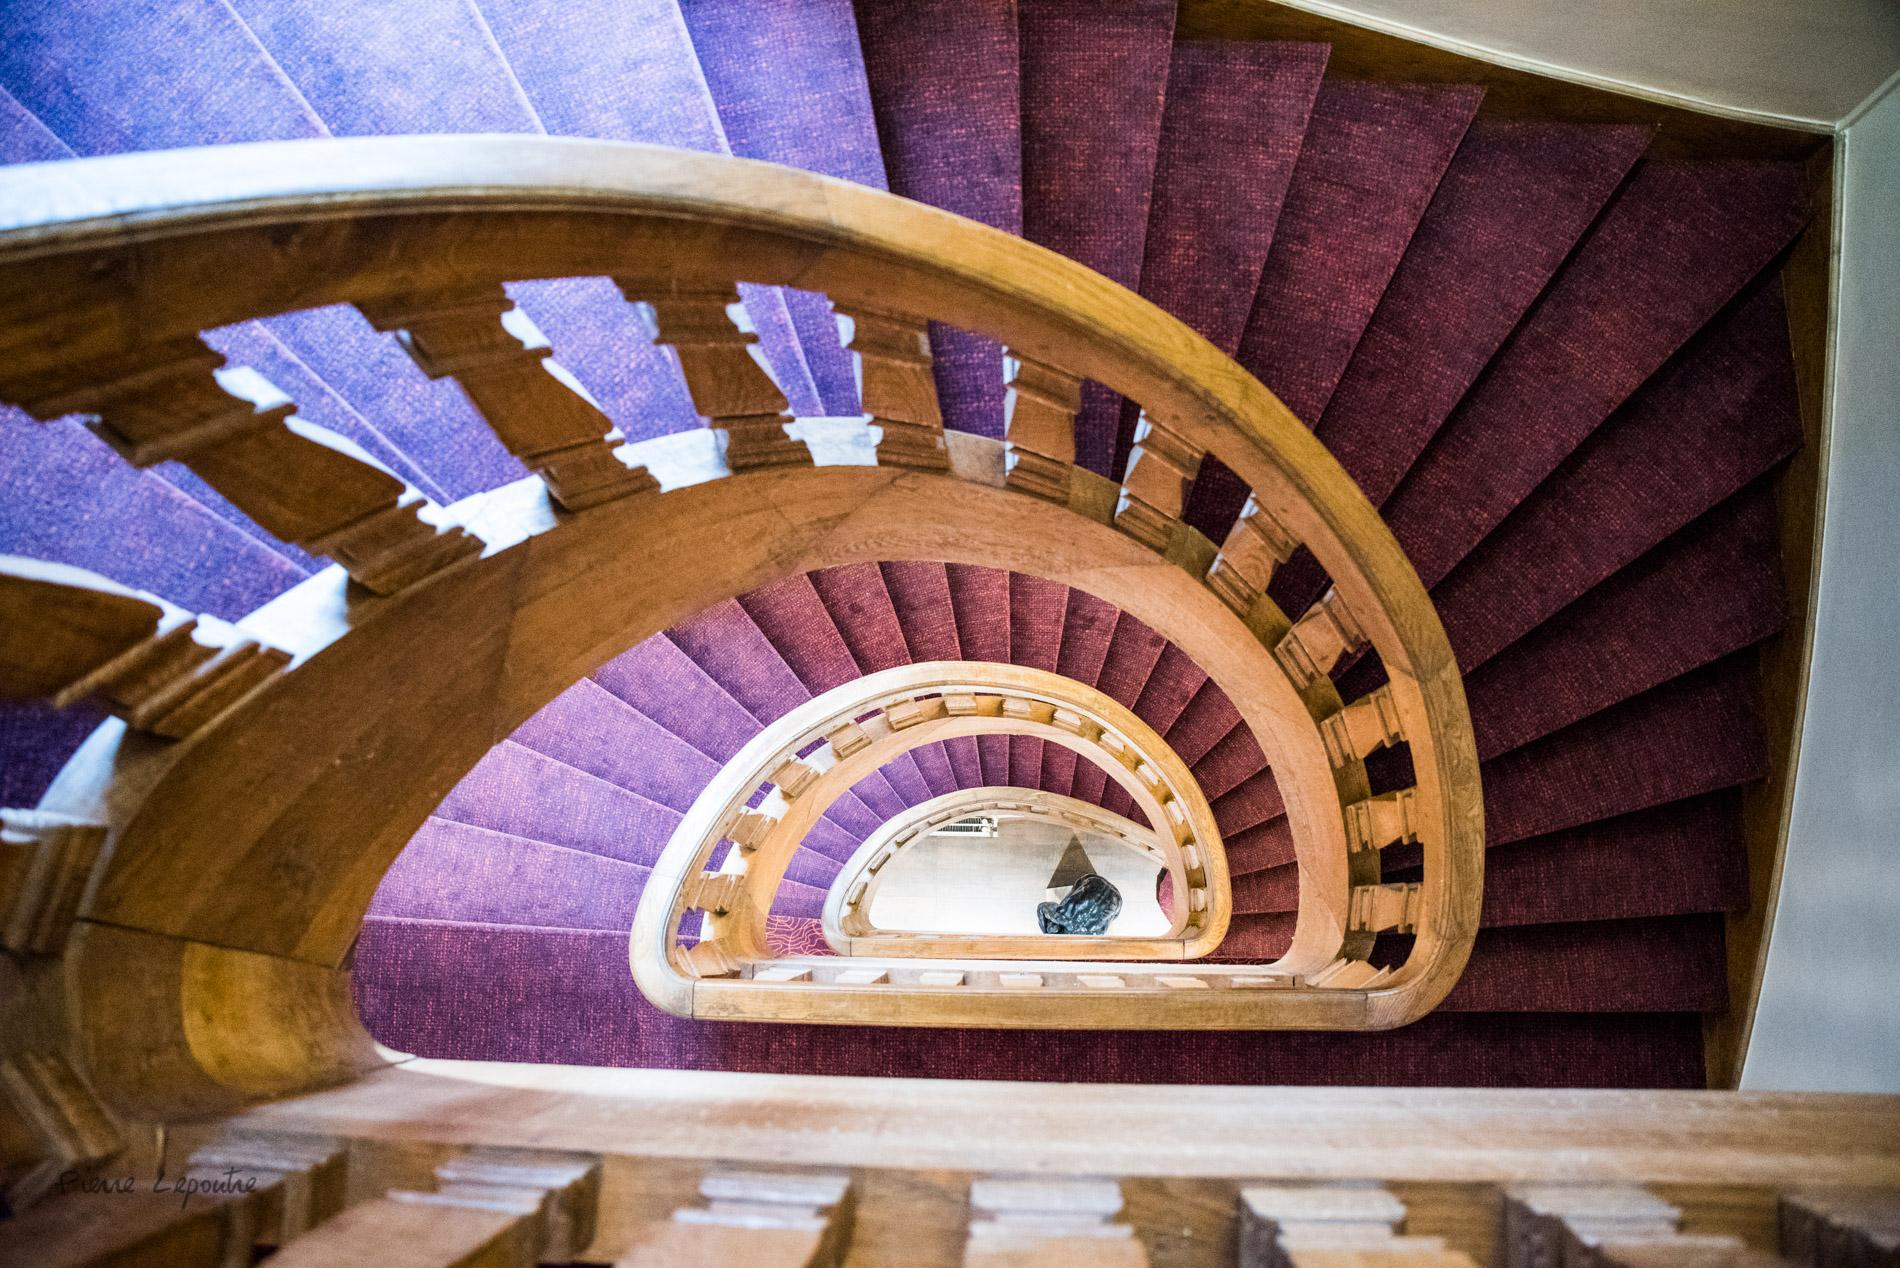 Escalier principal de l'hôtel du Moulin